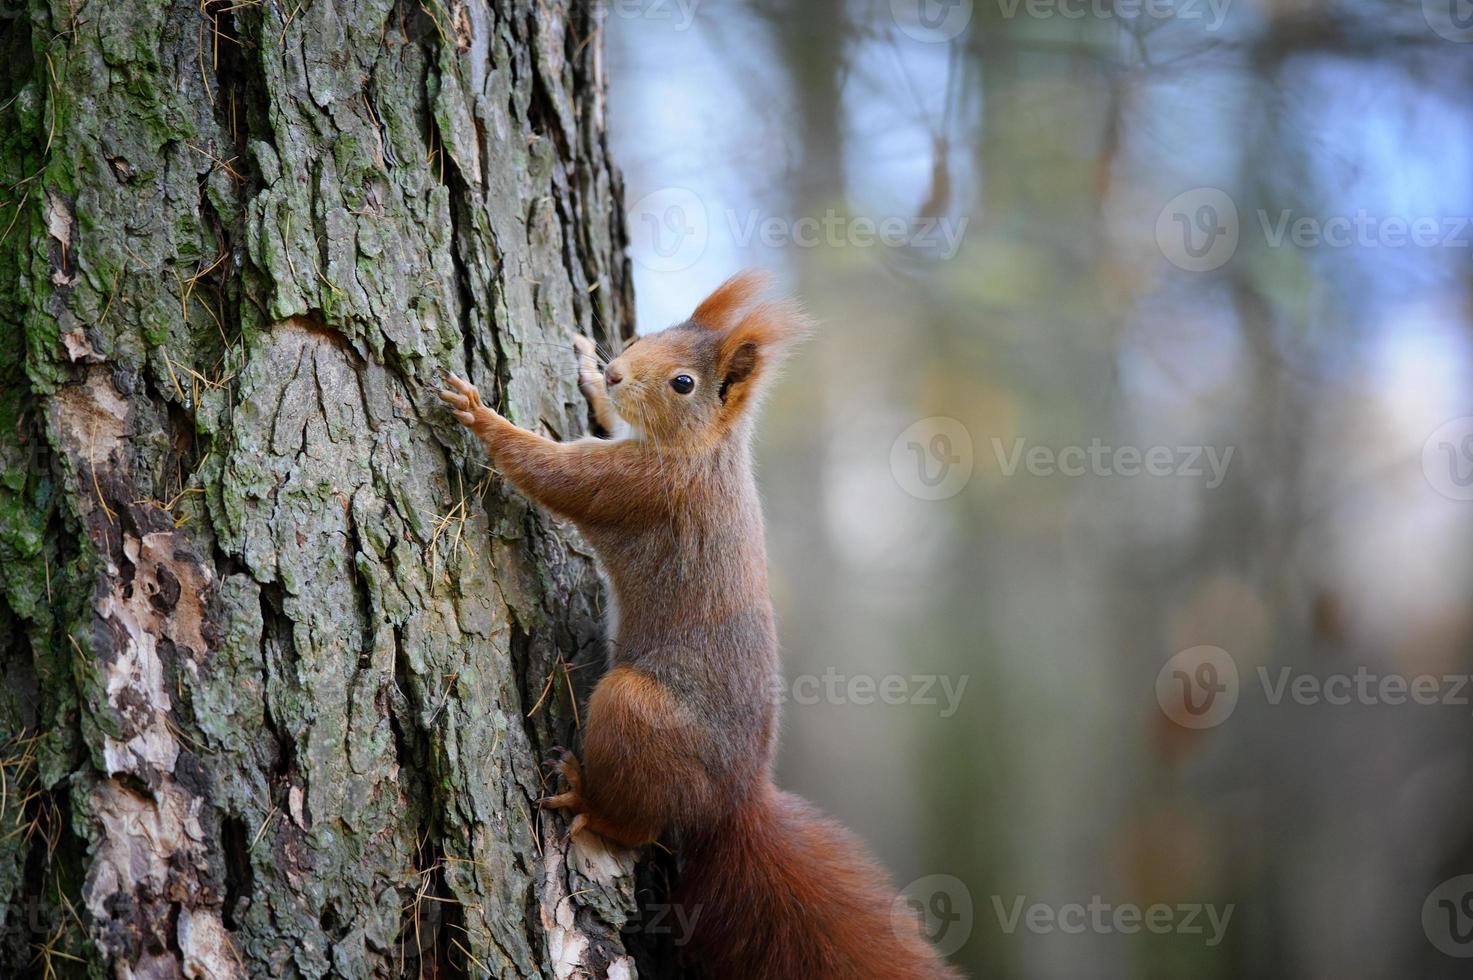 süßes rotes Eichhörnchen, das auf Baumstammrinde klettert foto